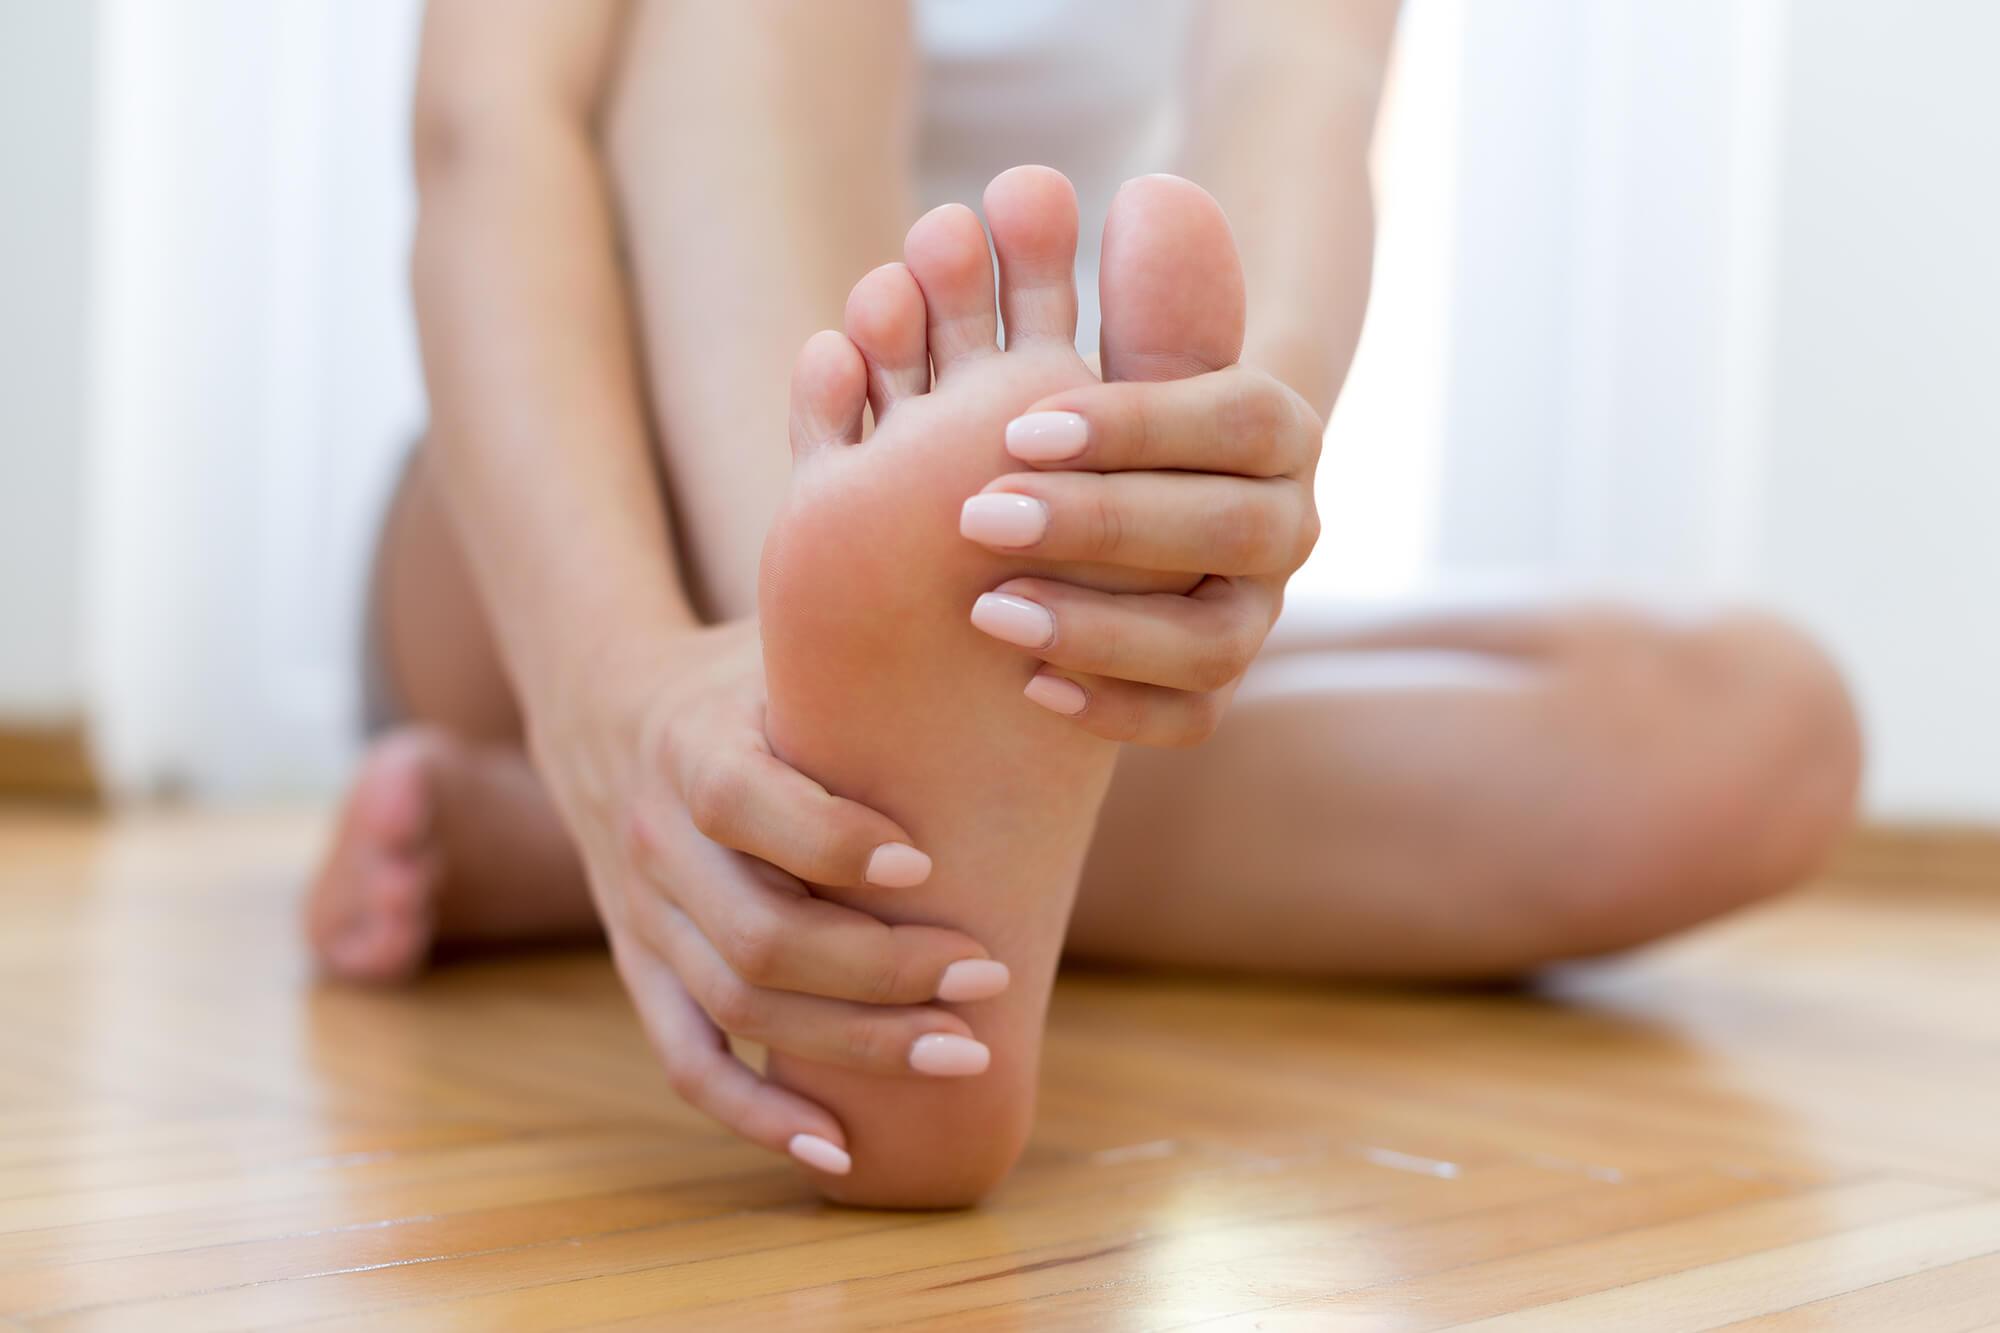 Frauenhände-umschließen-Fuß